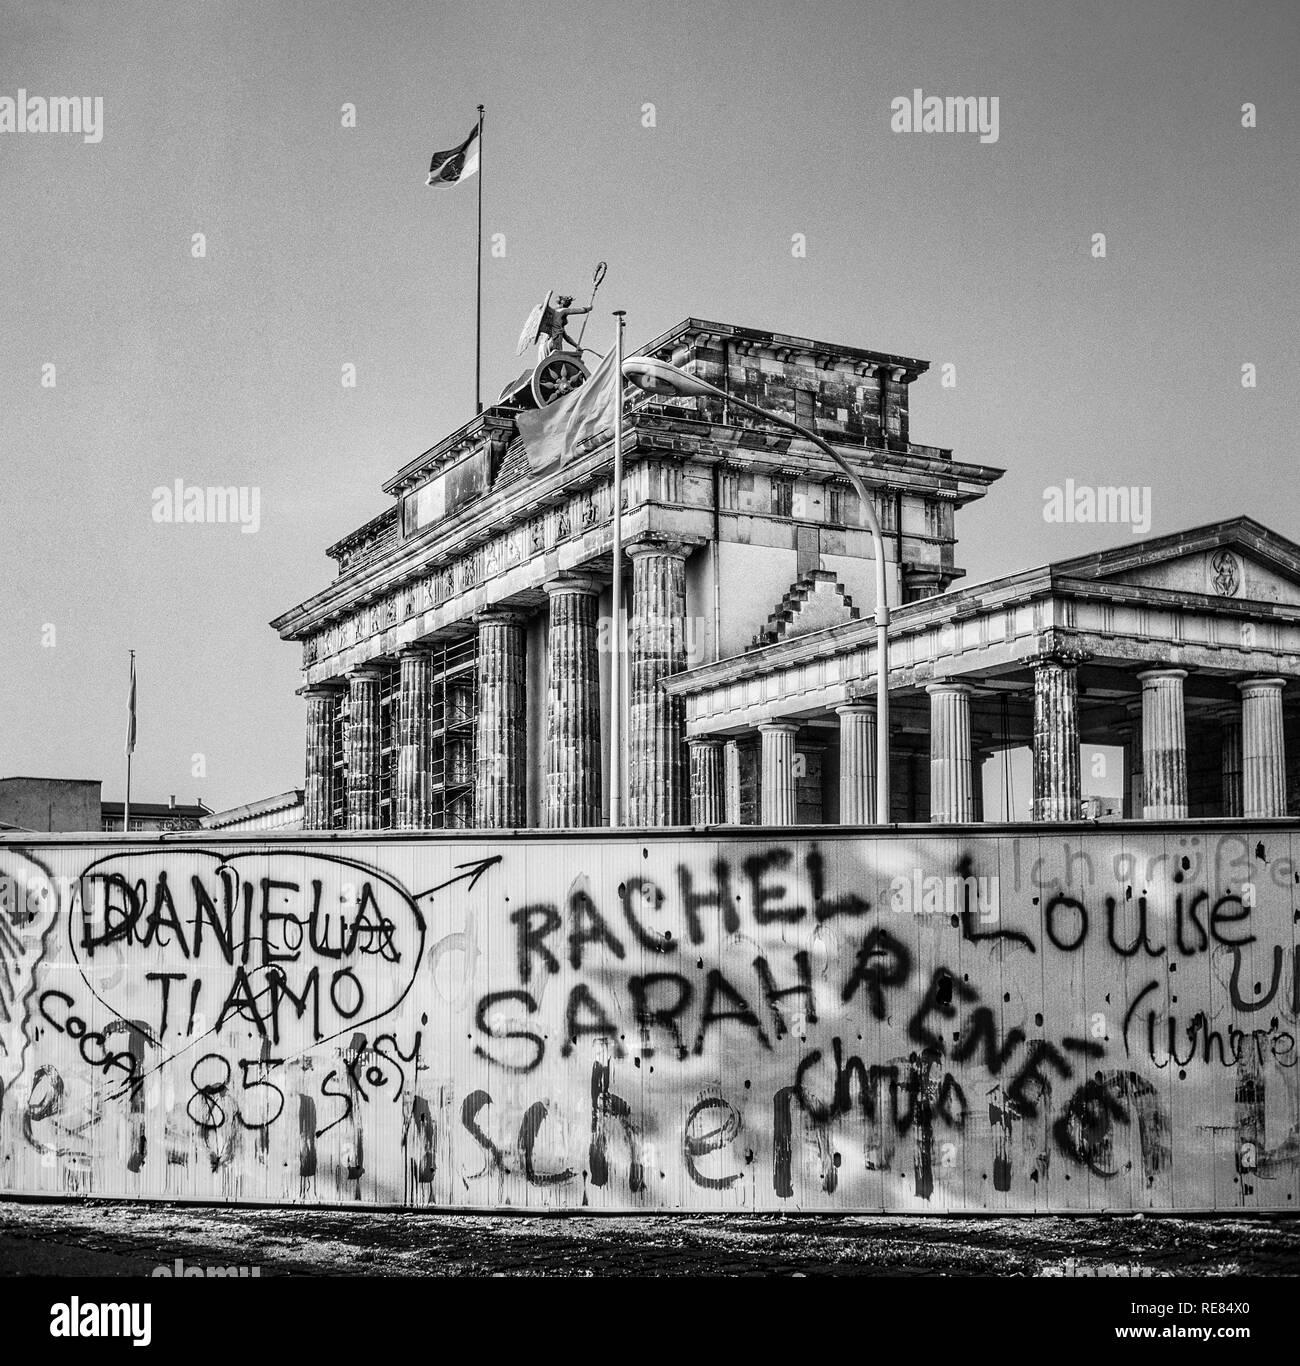 Agosto 1986, graffitis en el muro de Berlín y la Puerta de Brandenburgo en Berlín Oriental, Berlín occidental, Alemania, Europa, Imagen De Stock